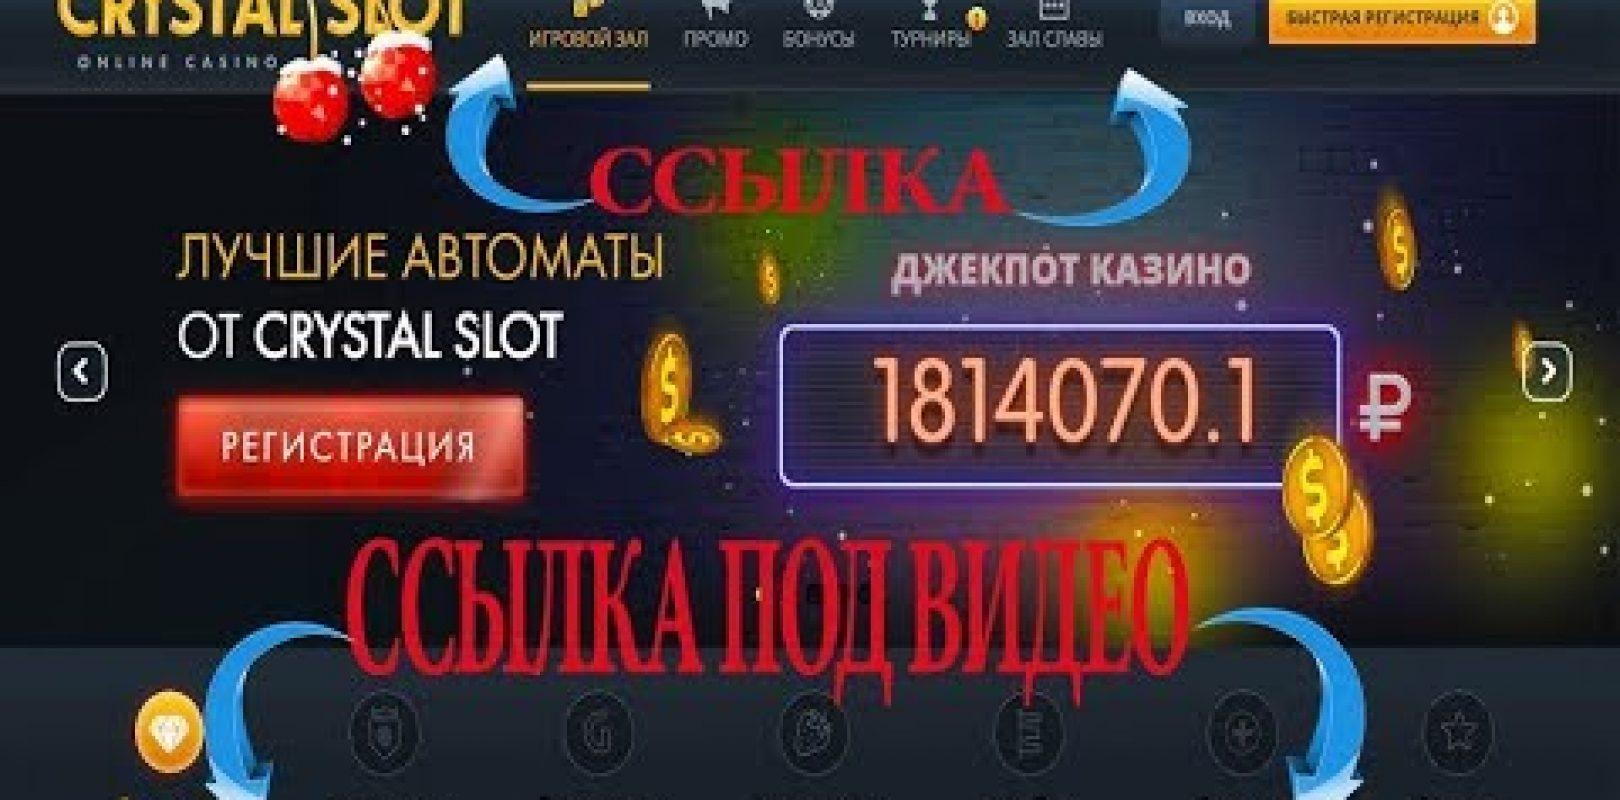 официальный сайт казино онлайн в россии